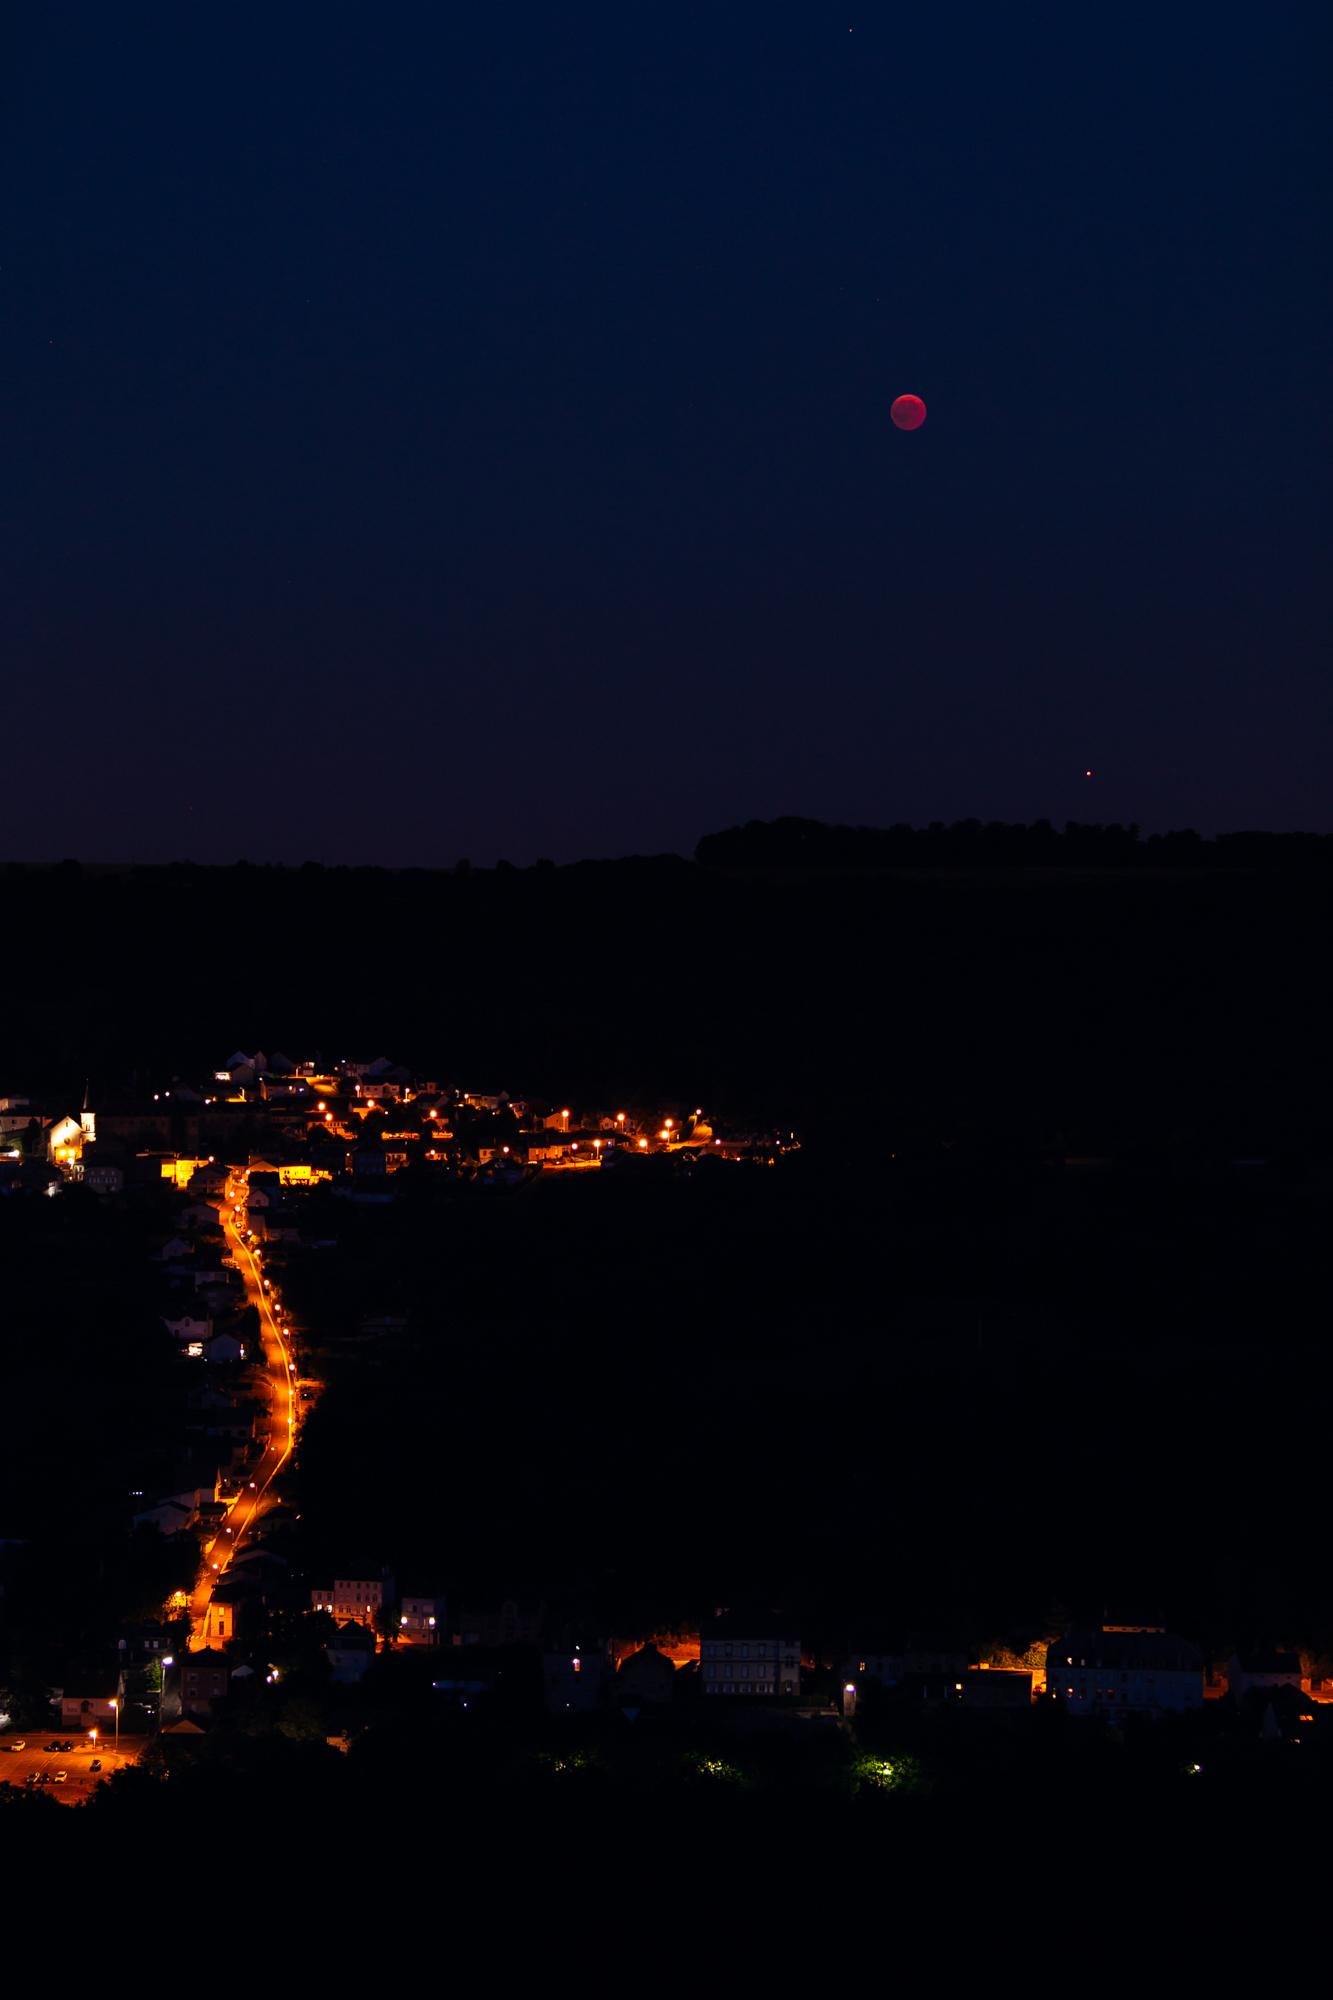 eclipse-de-lune-IMG_5869